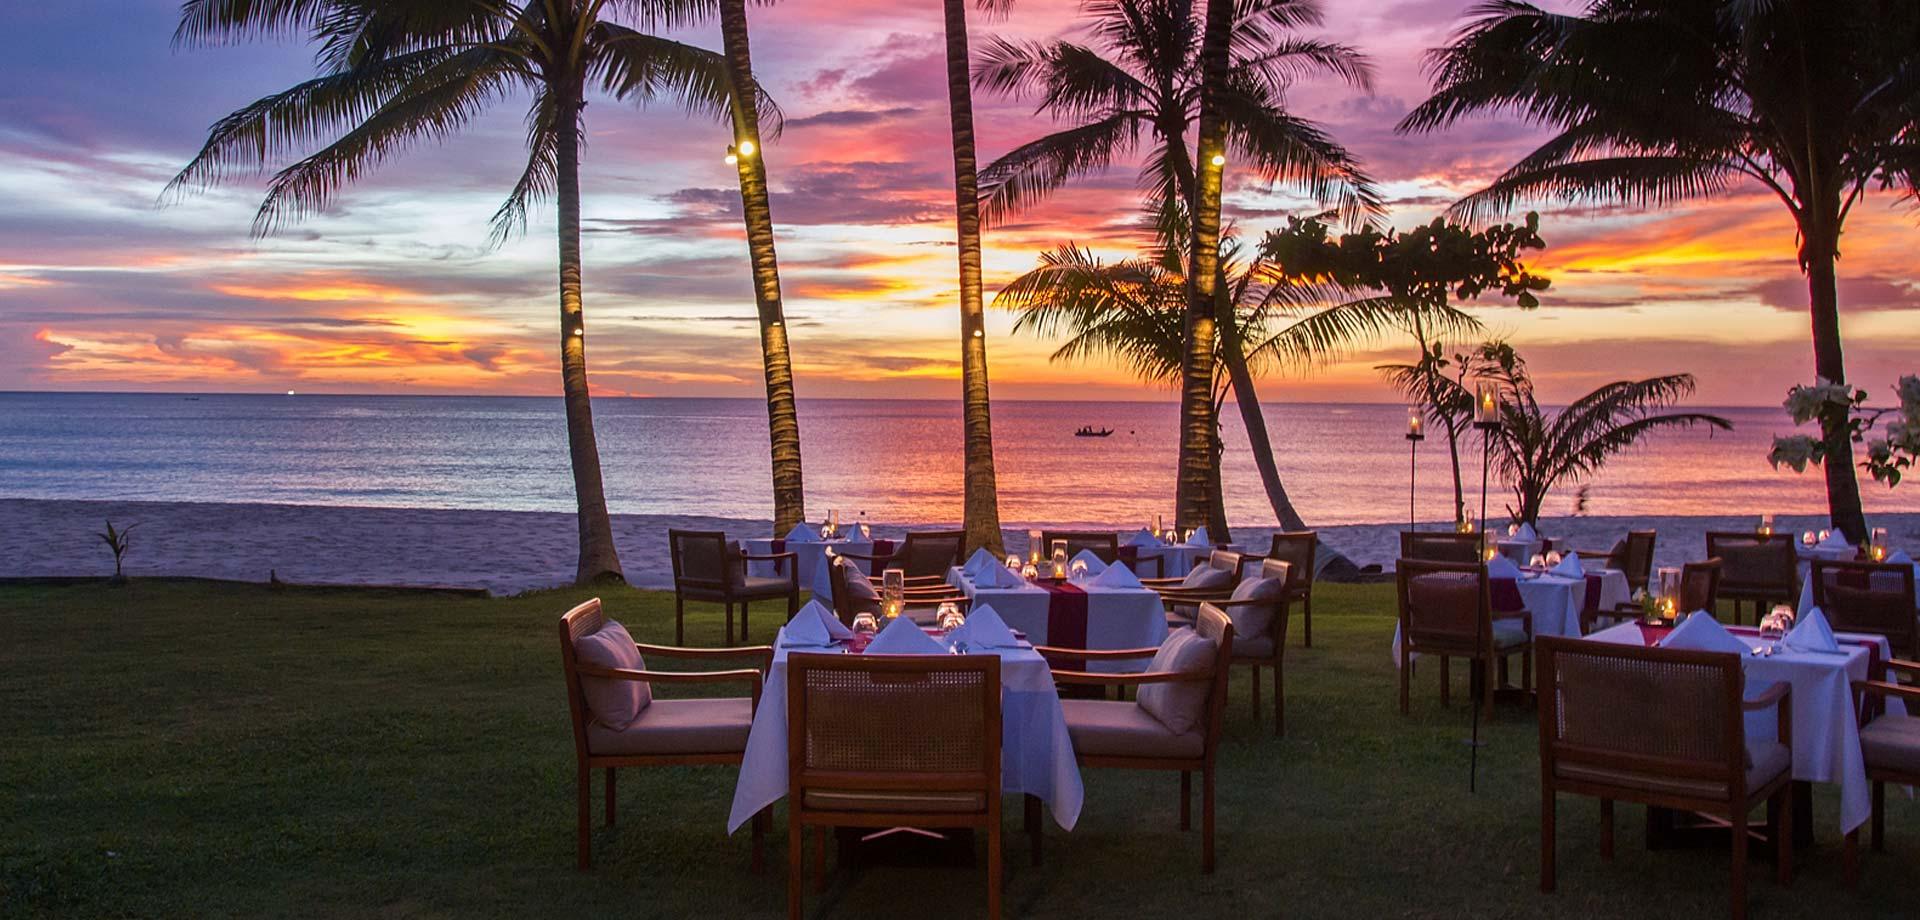 beach-restaurant0-slide-170